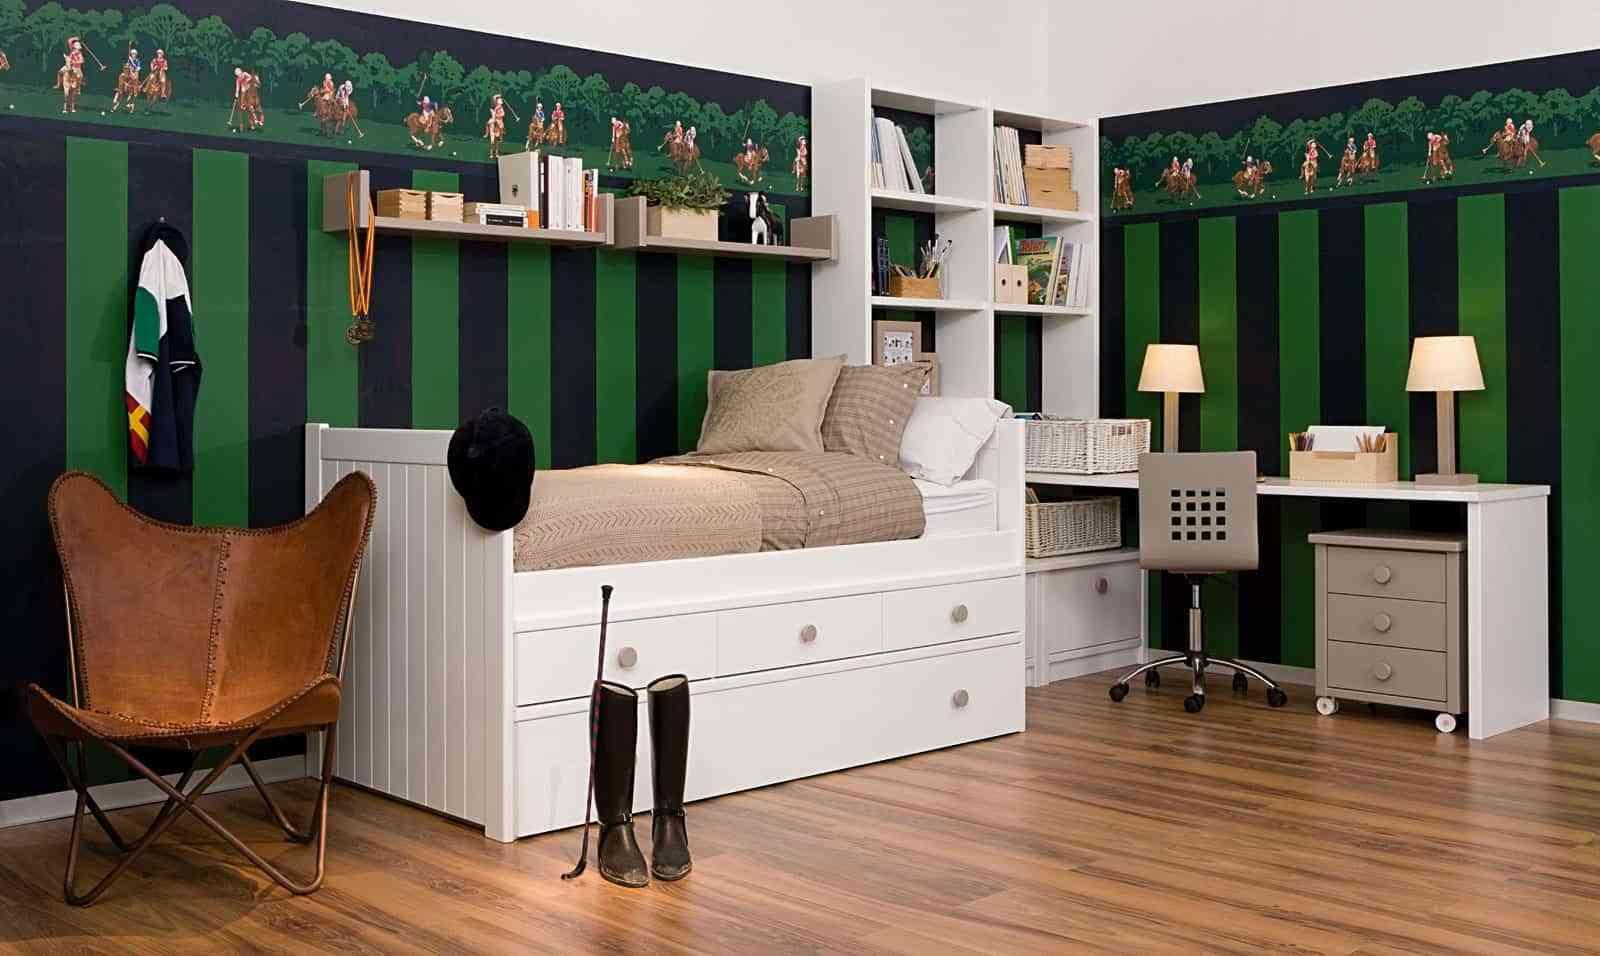 Dormitorios juveniles de dise o moderno a los que no podr for Diseno dormitorio